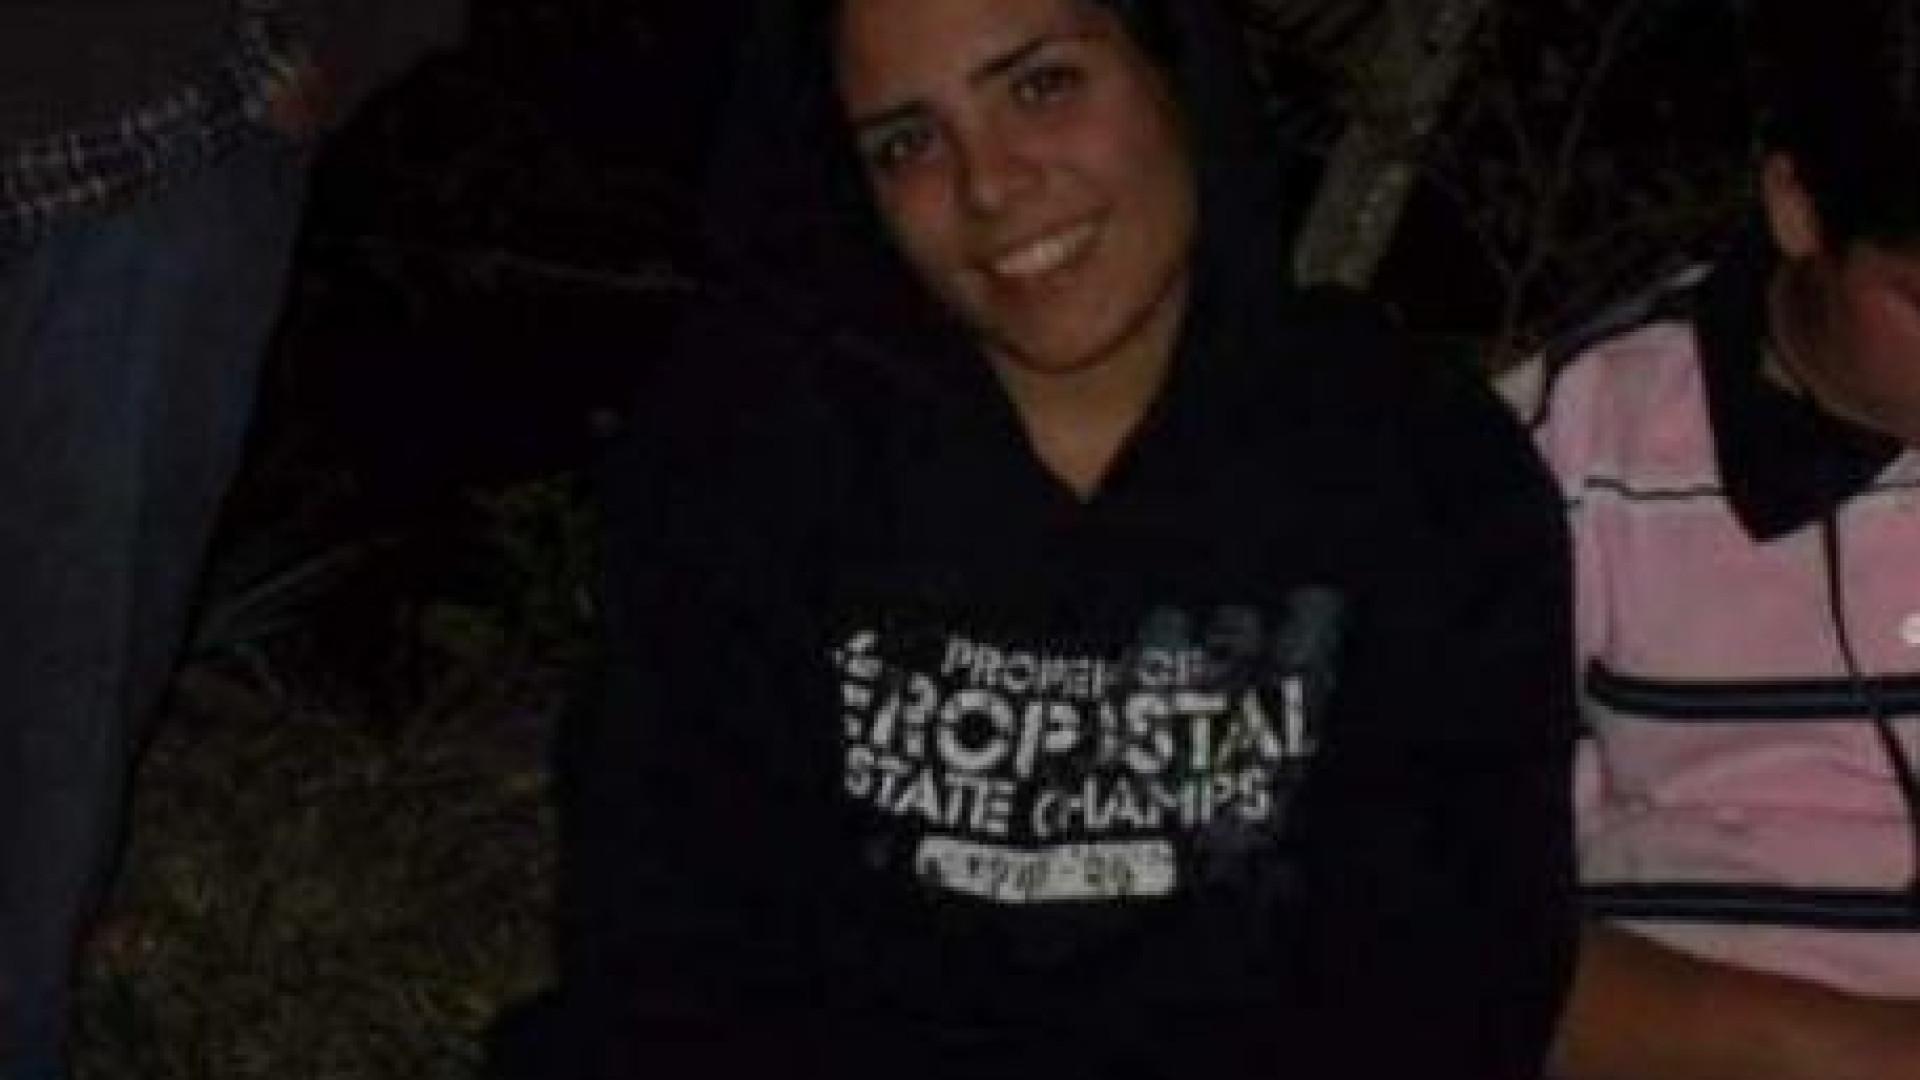 Sobrinha-neta de Gárcia Márquez raptada. Sequestradoresquerem 5 milhões